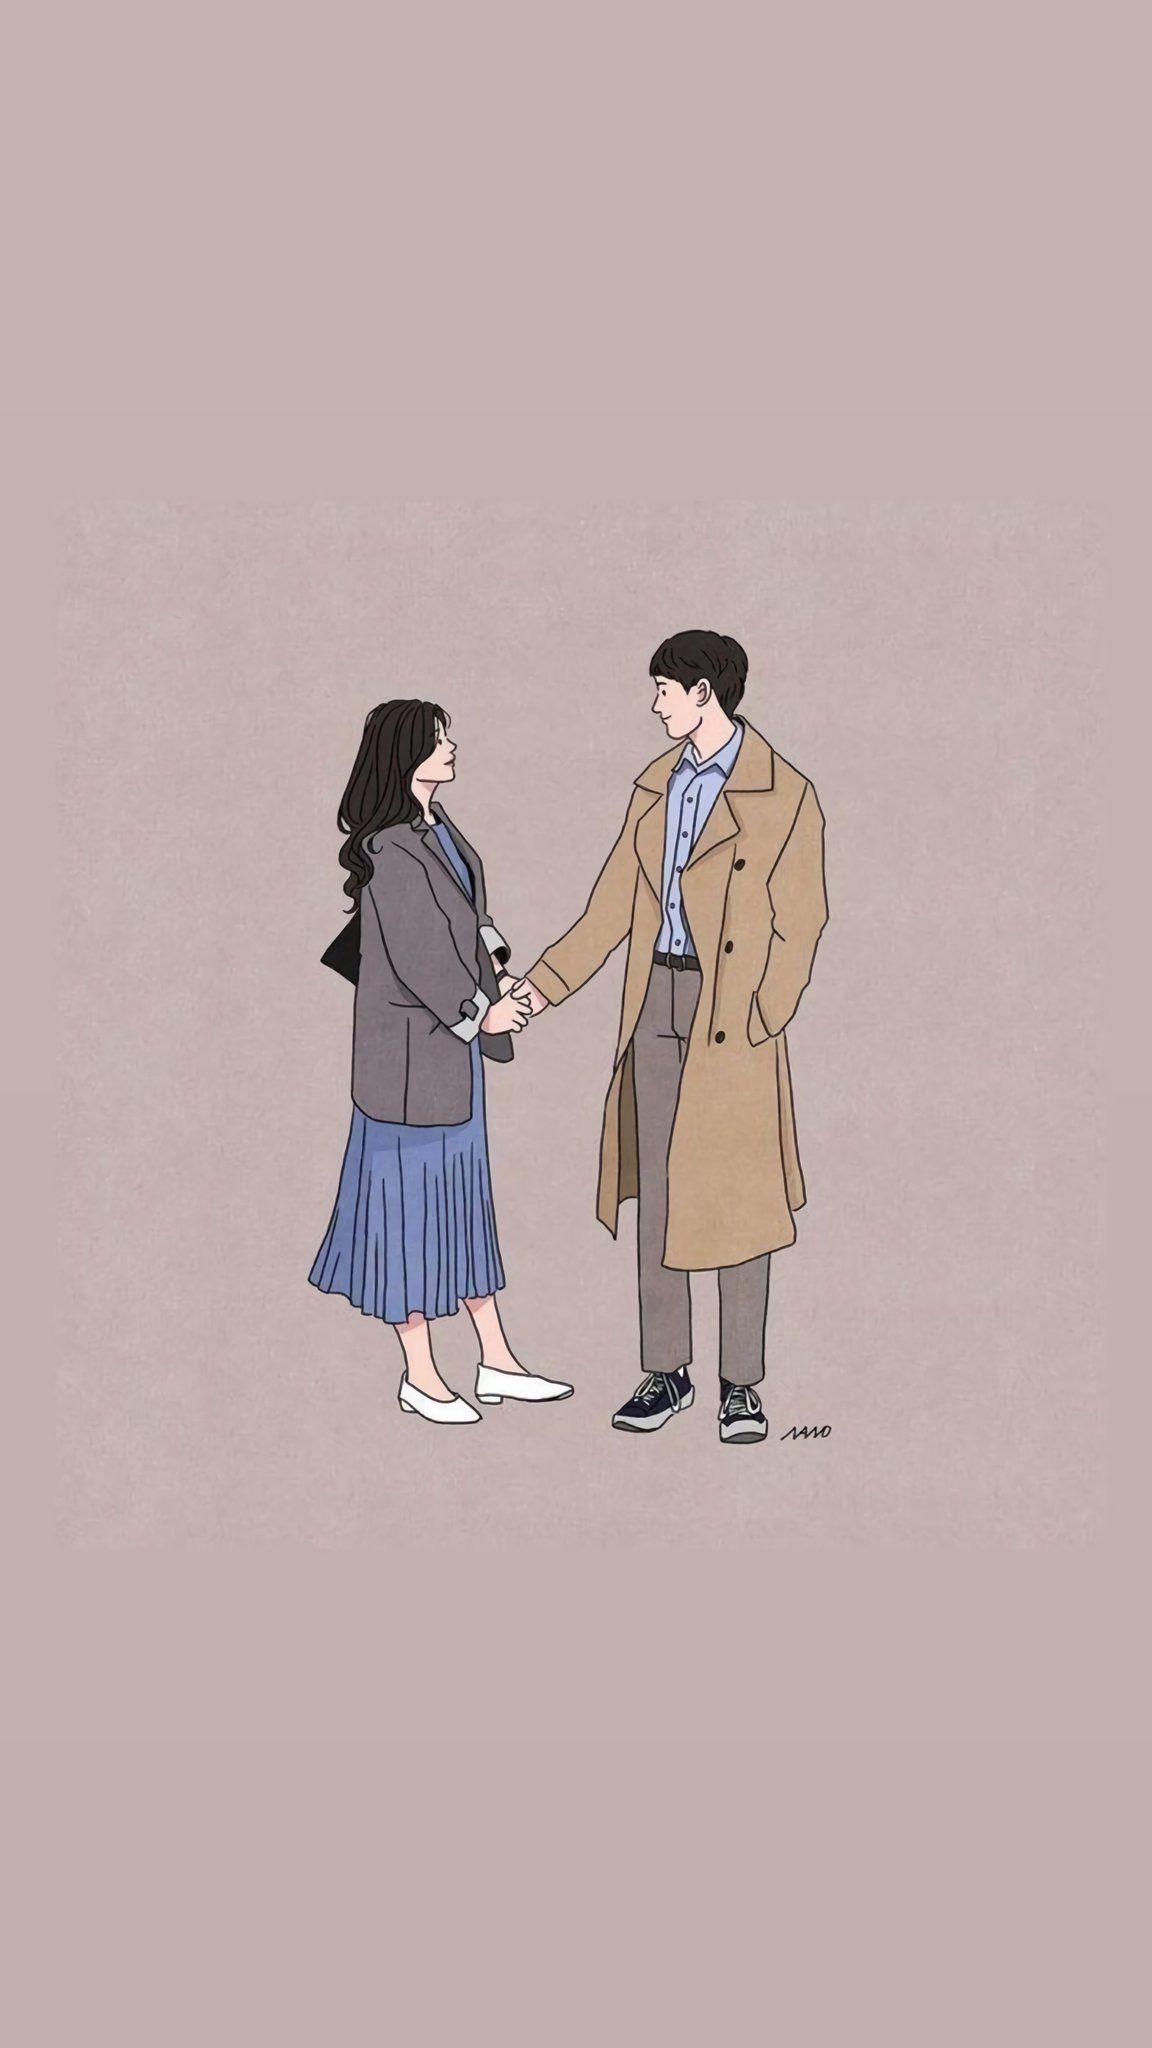 Pin Oleh Roselia Di Lockscreen Dengan Gambar Ilustrasi Karakter